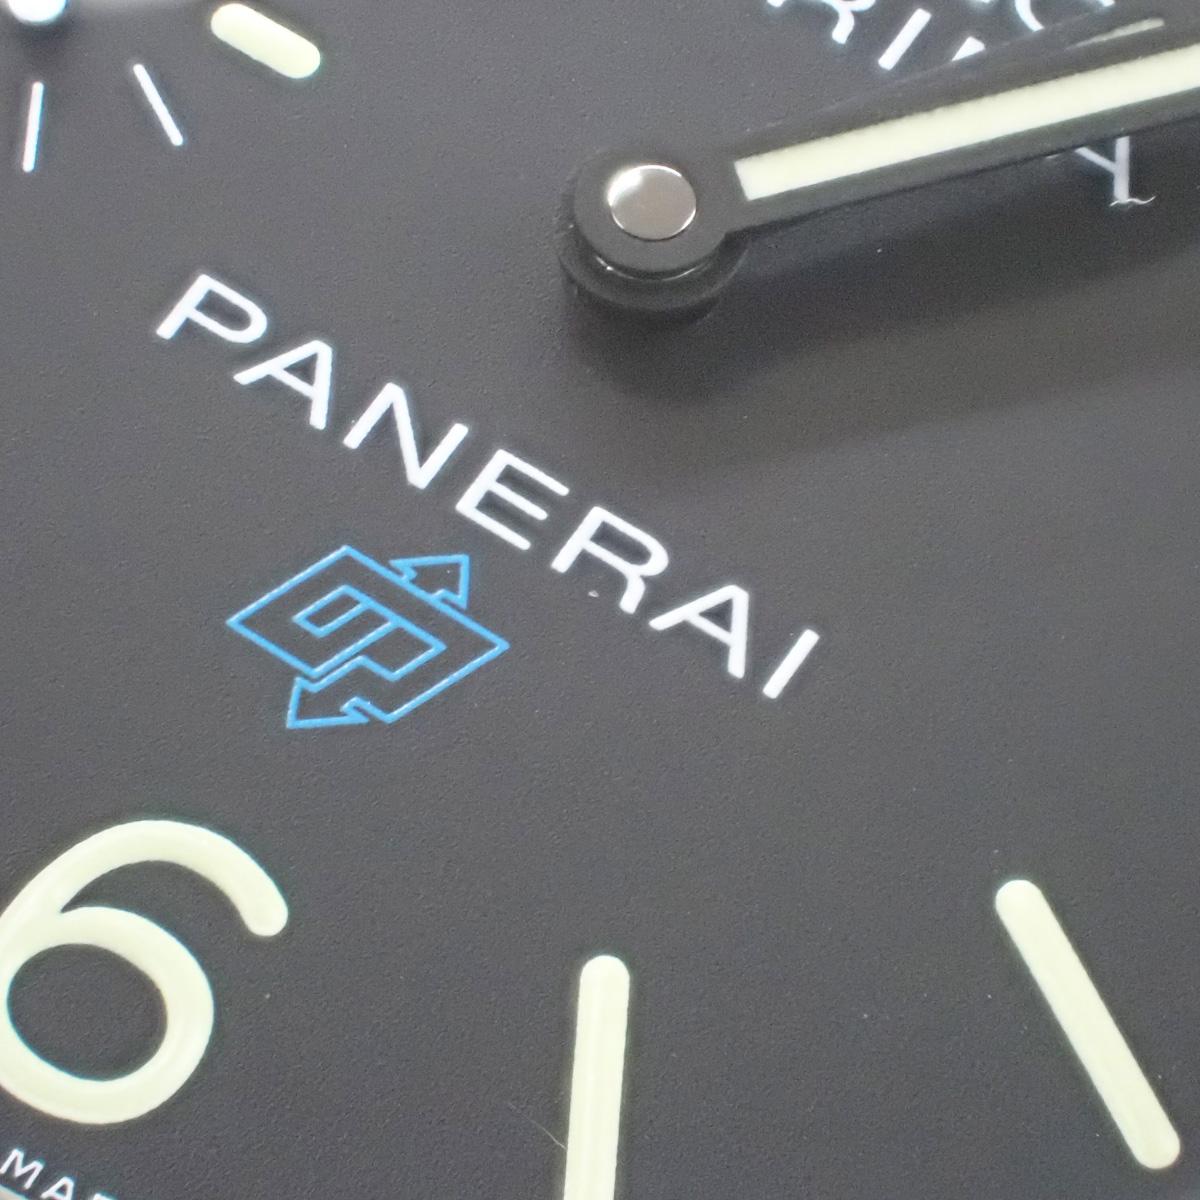 【辛口評価】【Aランク】PANERAI パネライ ルミノール マリーナ ロゴ 3デイズ アッチャイオ PAM00777 ブルーベルト ブラック文字盤